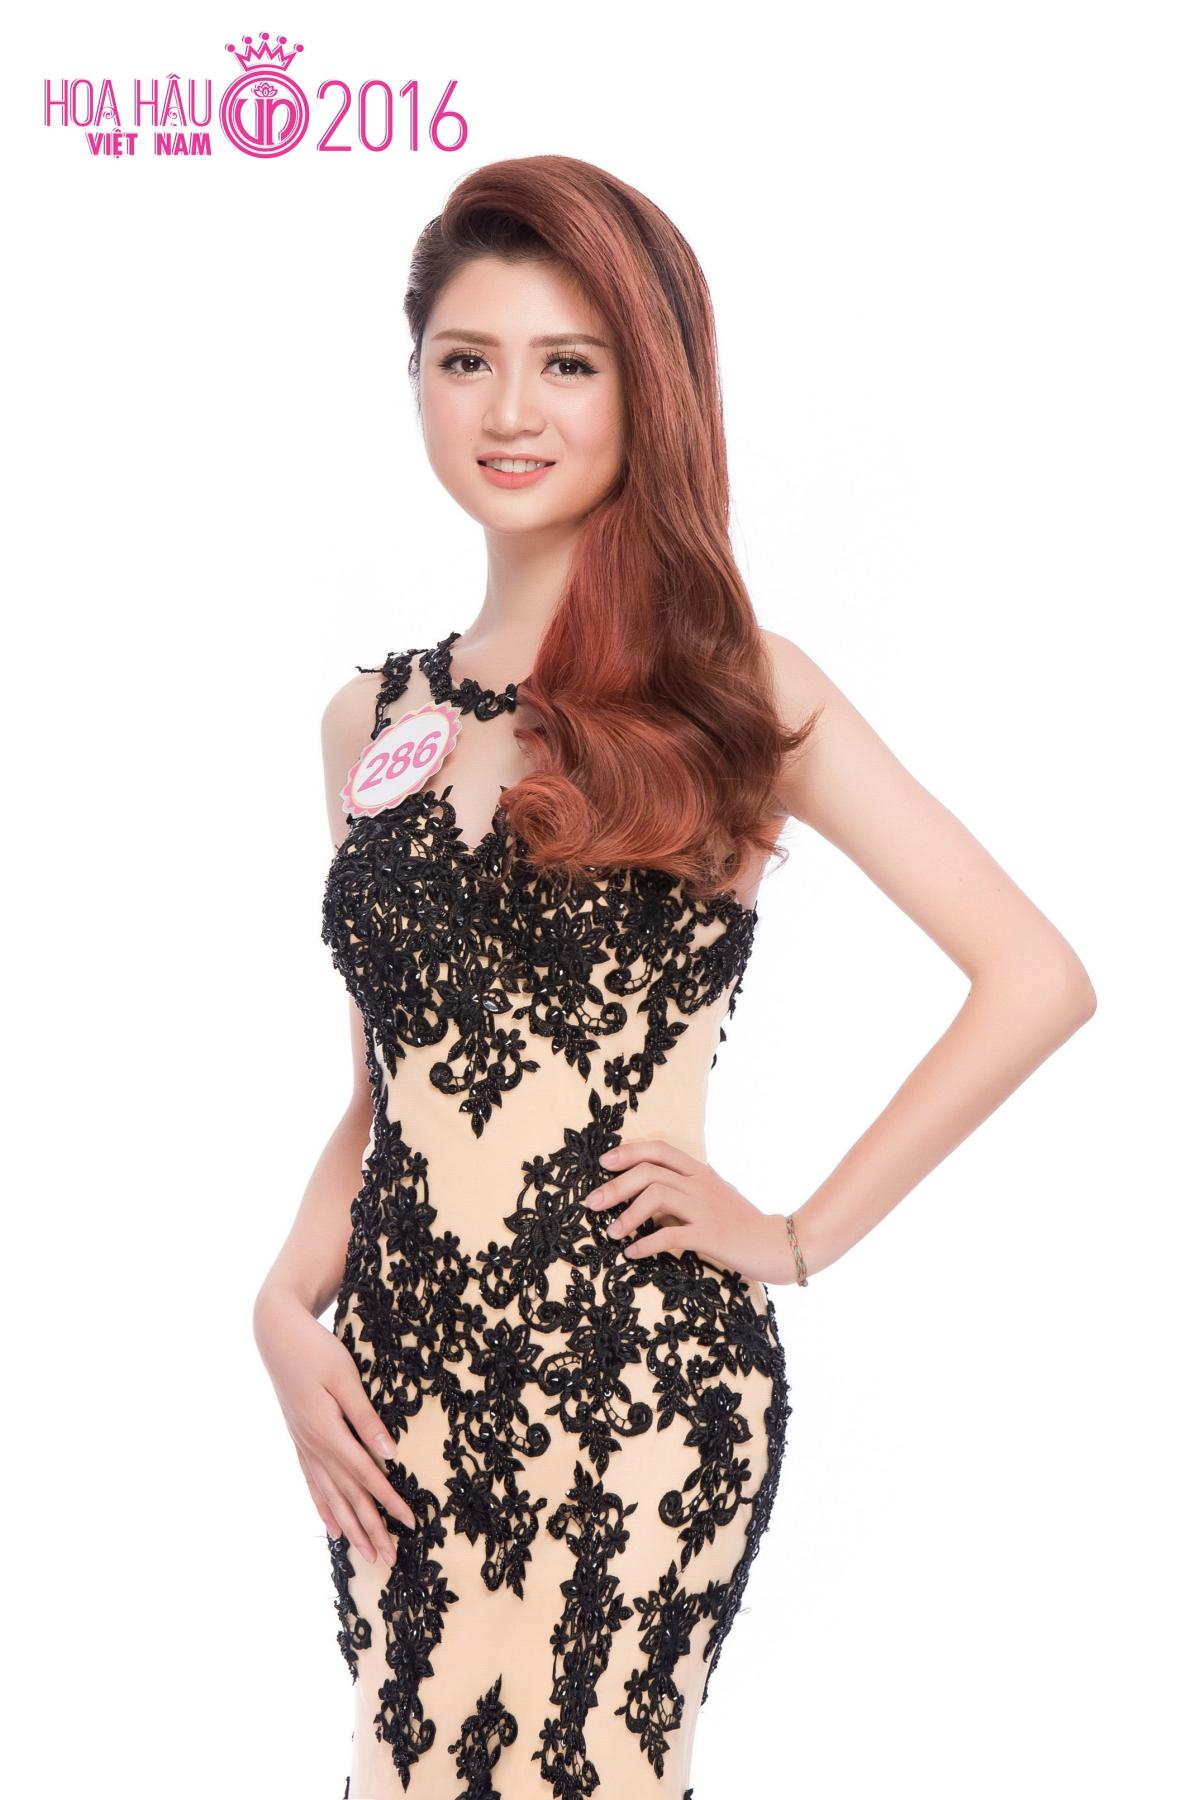 286 - Tran Huyen Trang 1